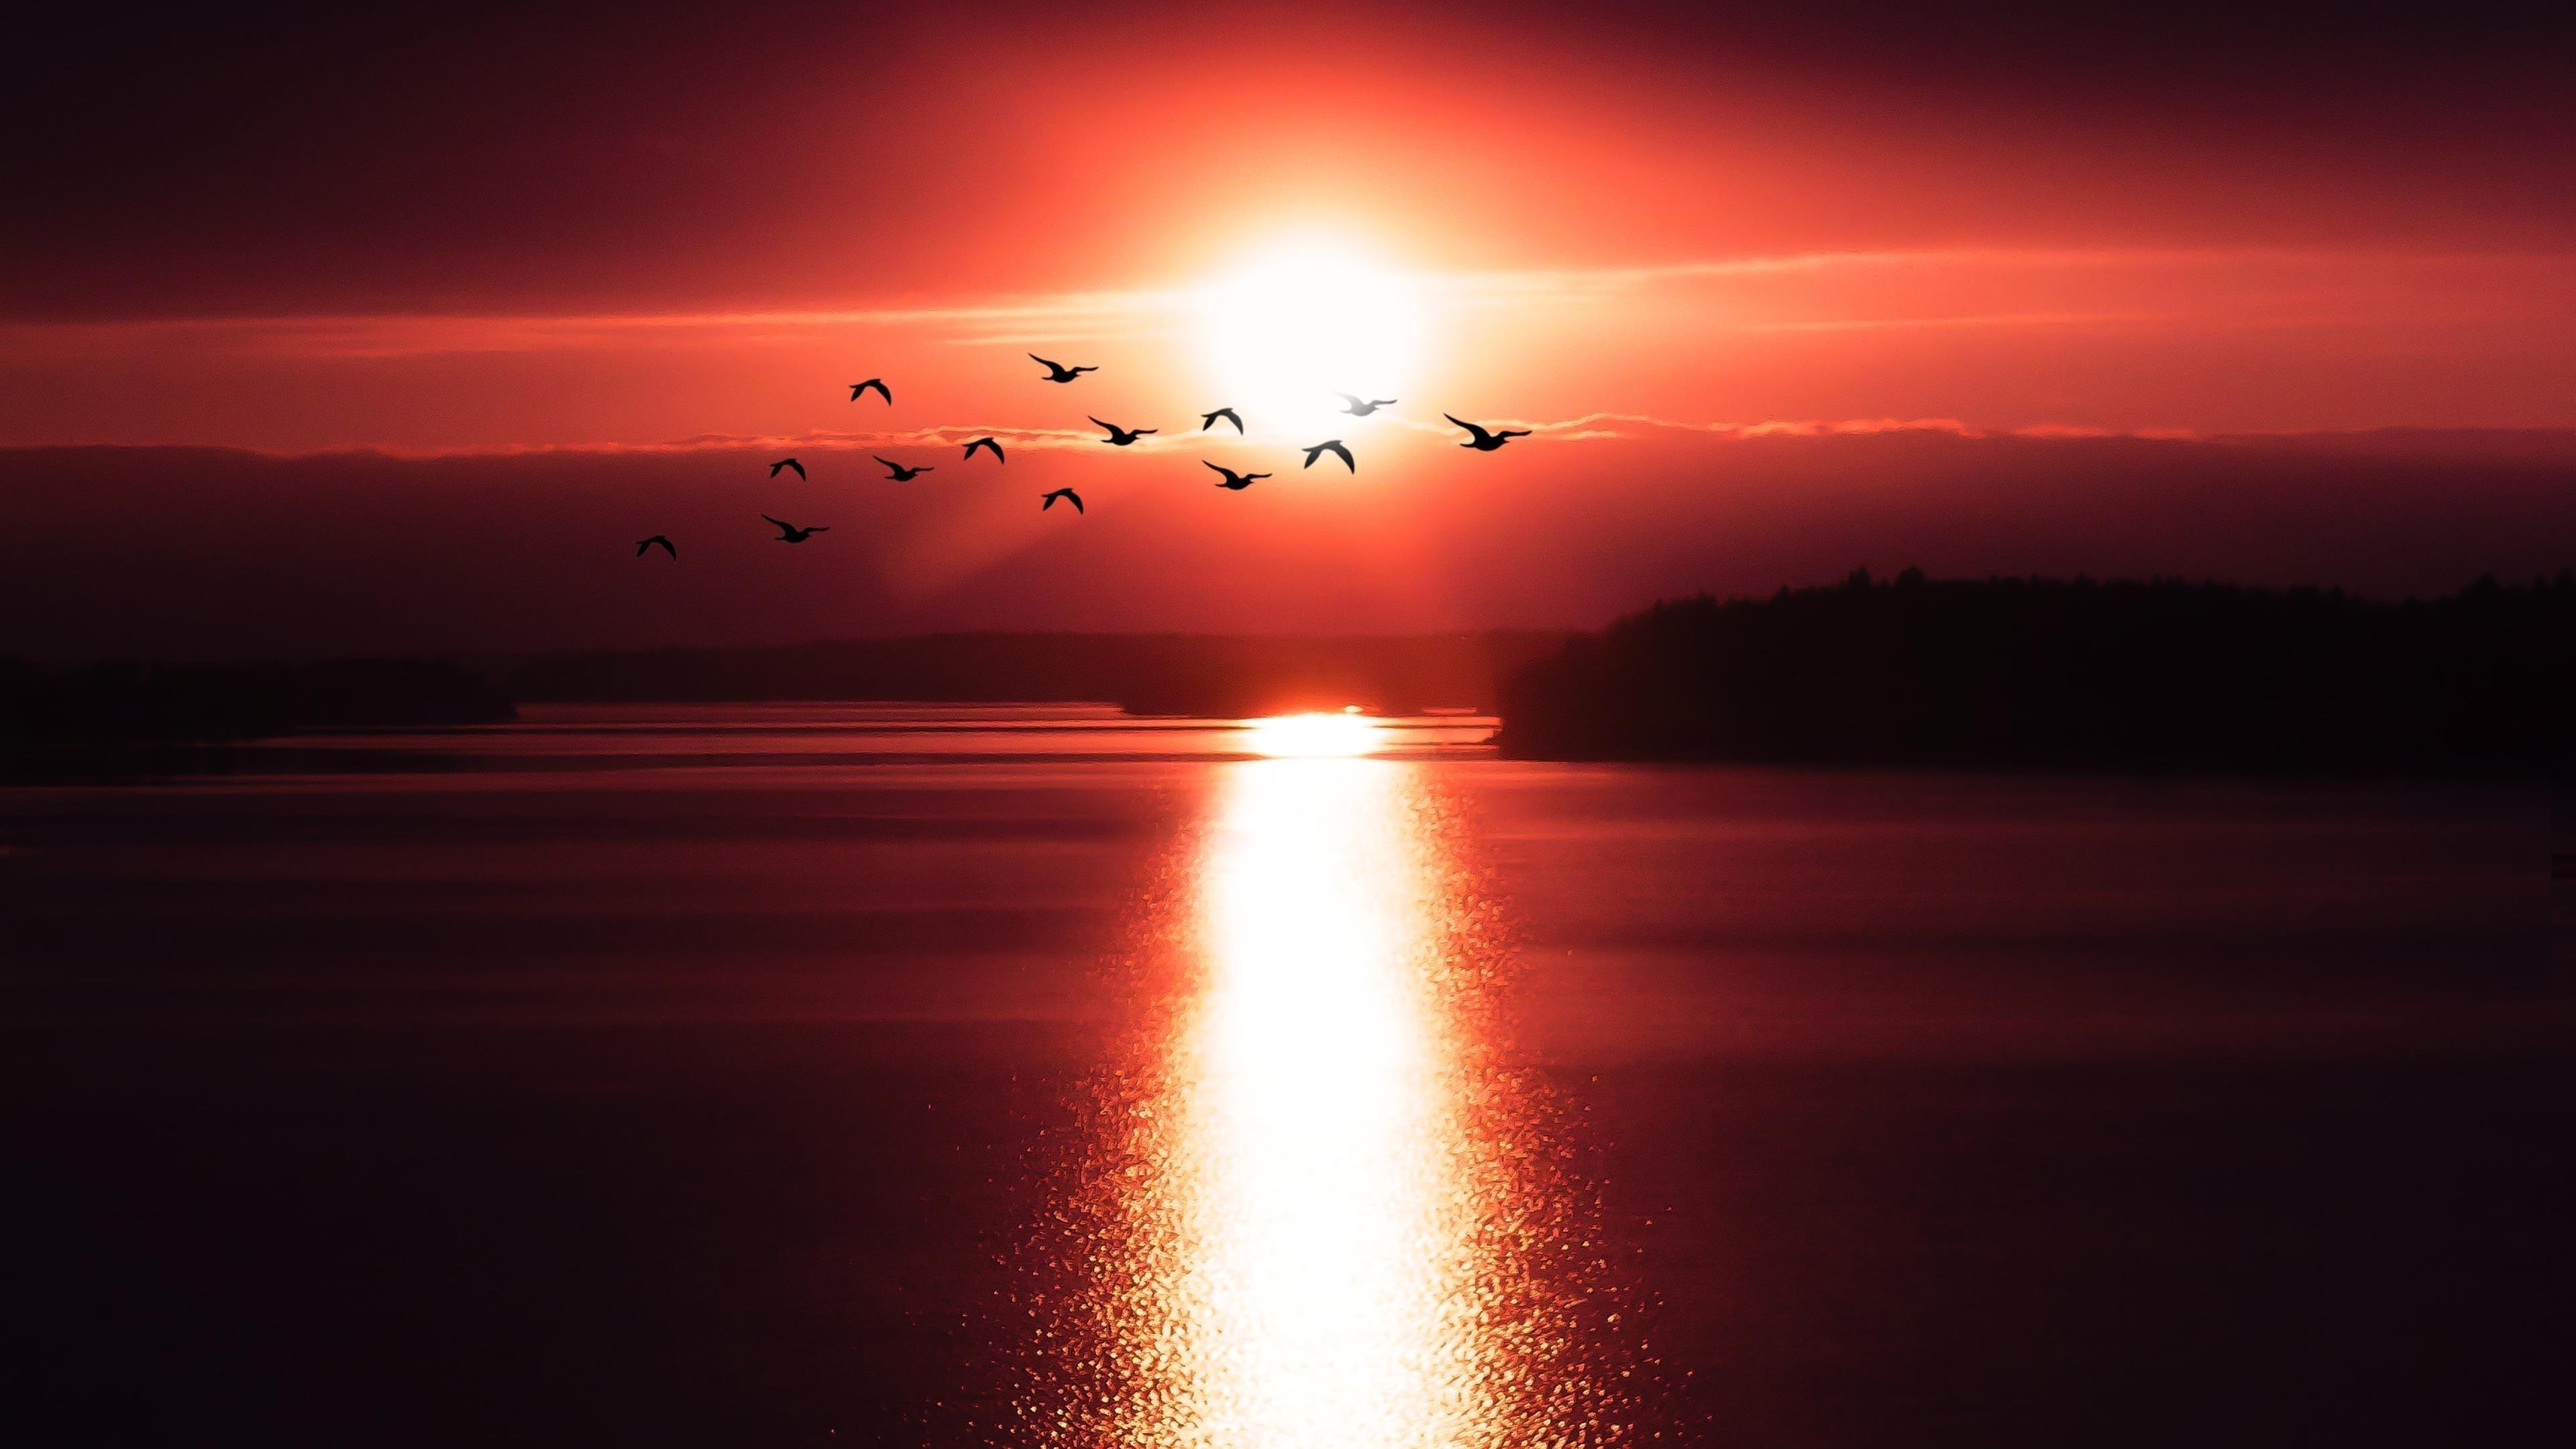 Летающие птицы над закатом обои скачать